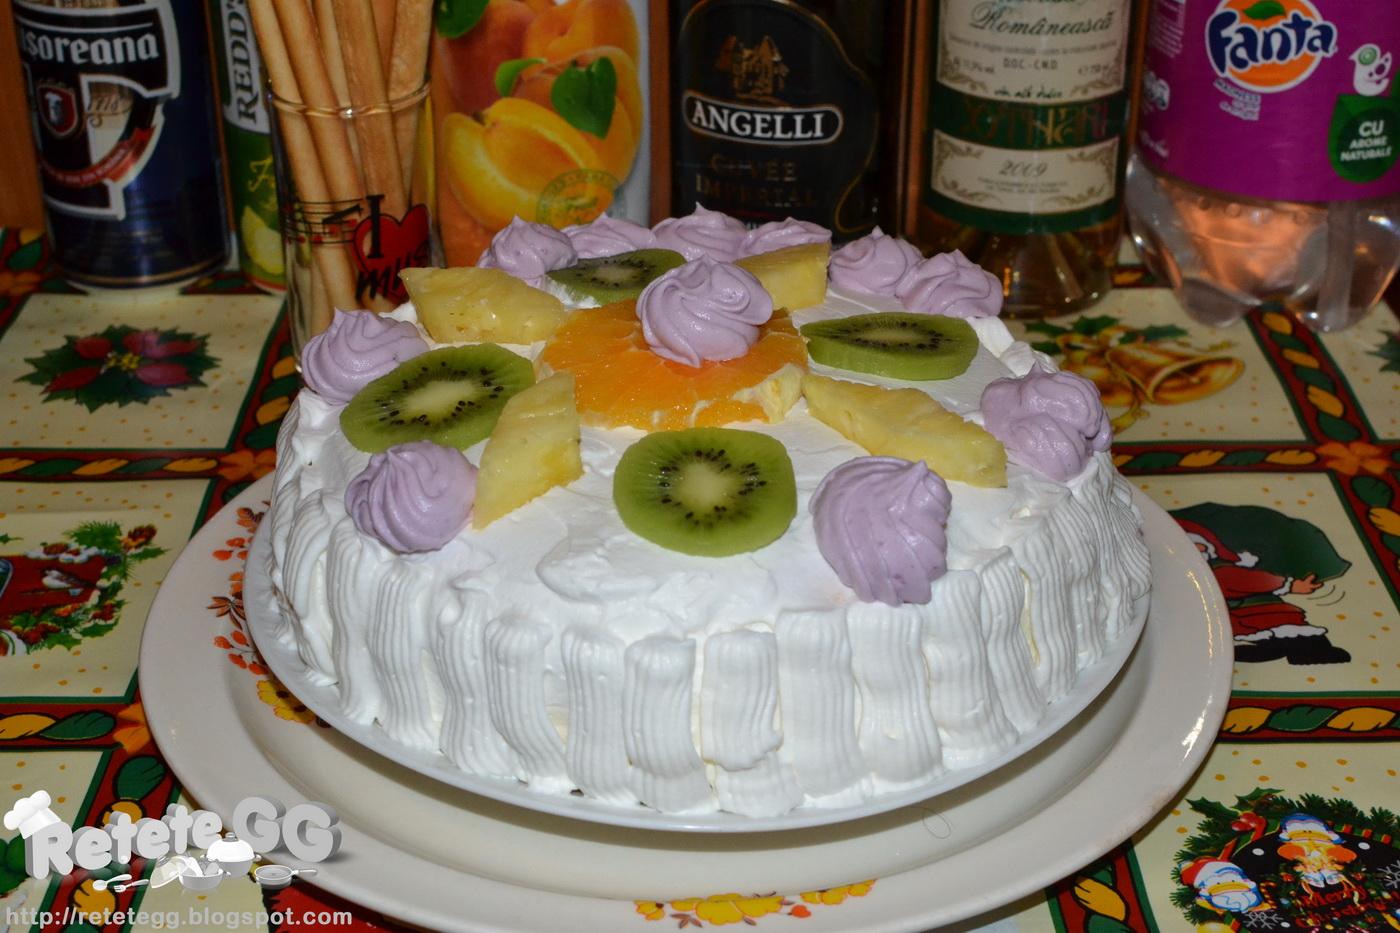 De Forme Si Figurine Din Fructe  Sau Putem Alege Un Model Simplu Si